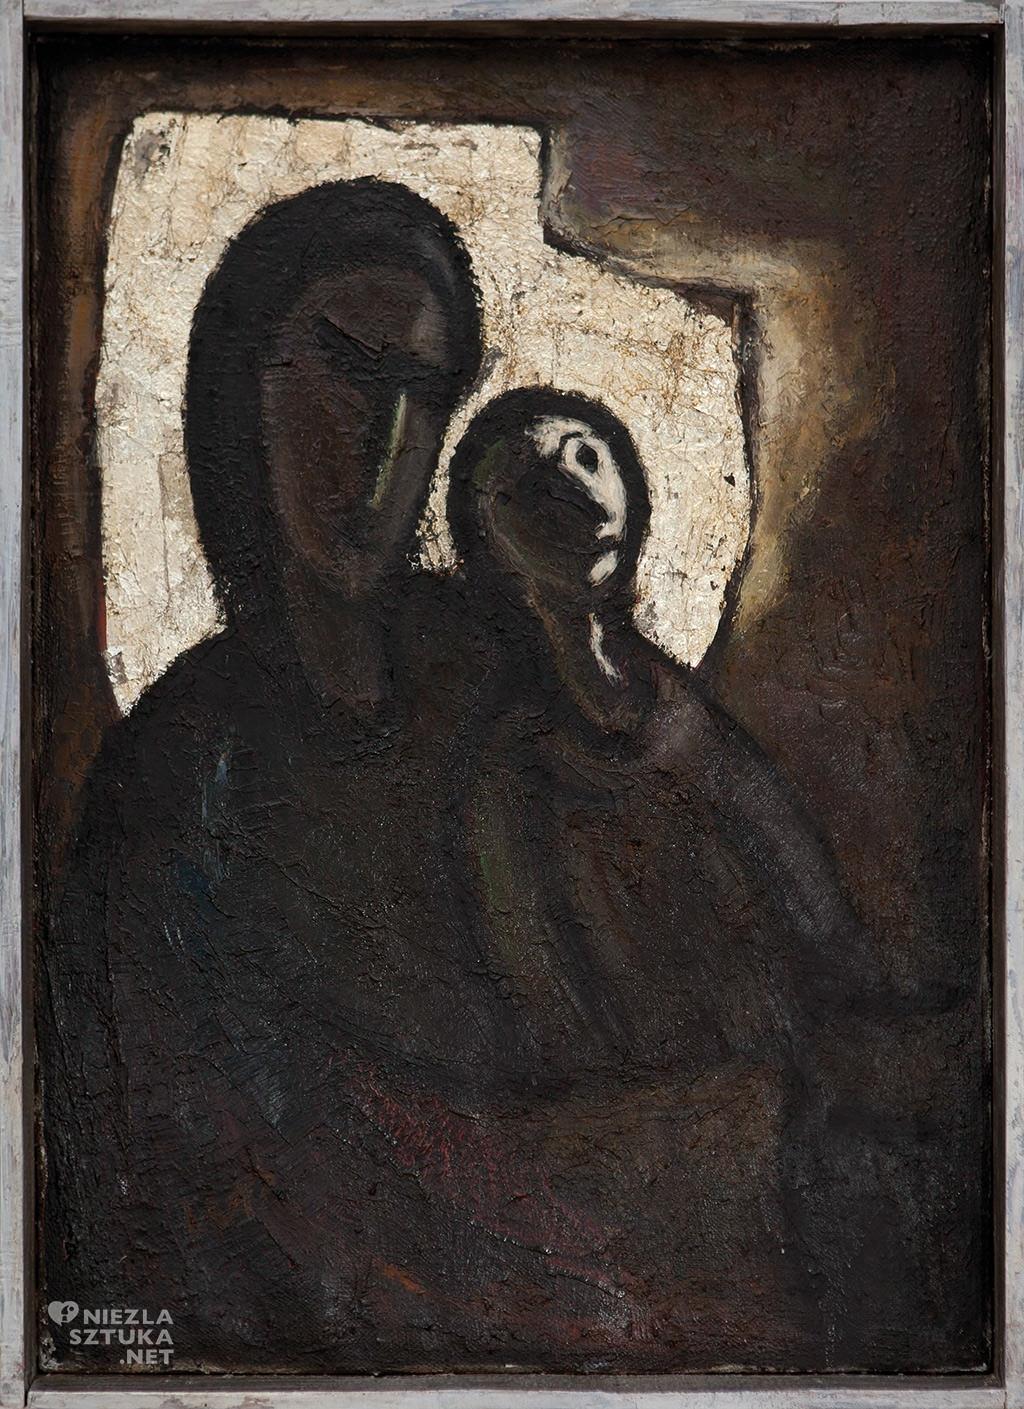 Władysław Paciak Madonna w świetle księżyca | 1962, Muzeum Sztuki Współczesnej w Radomiu